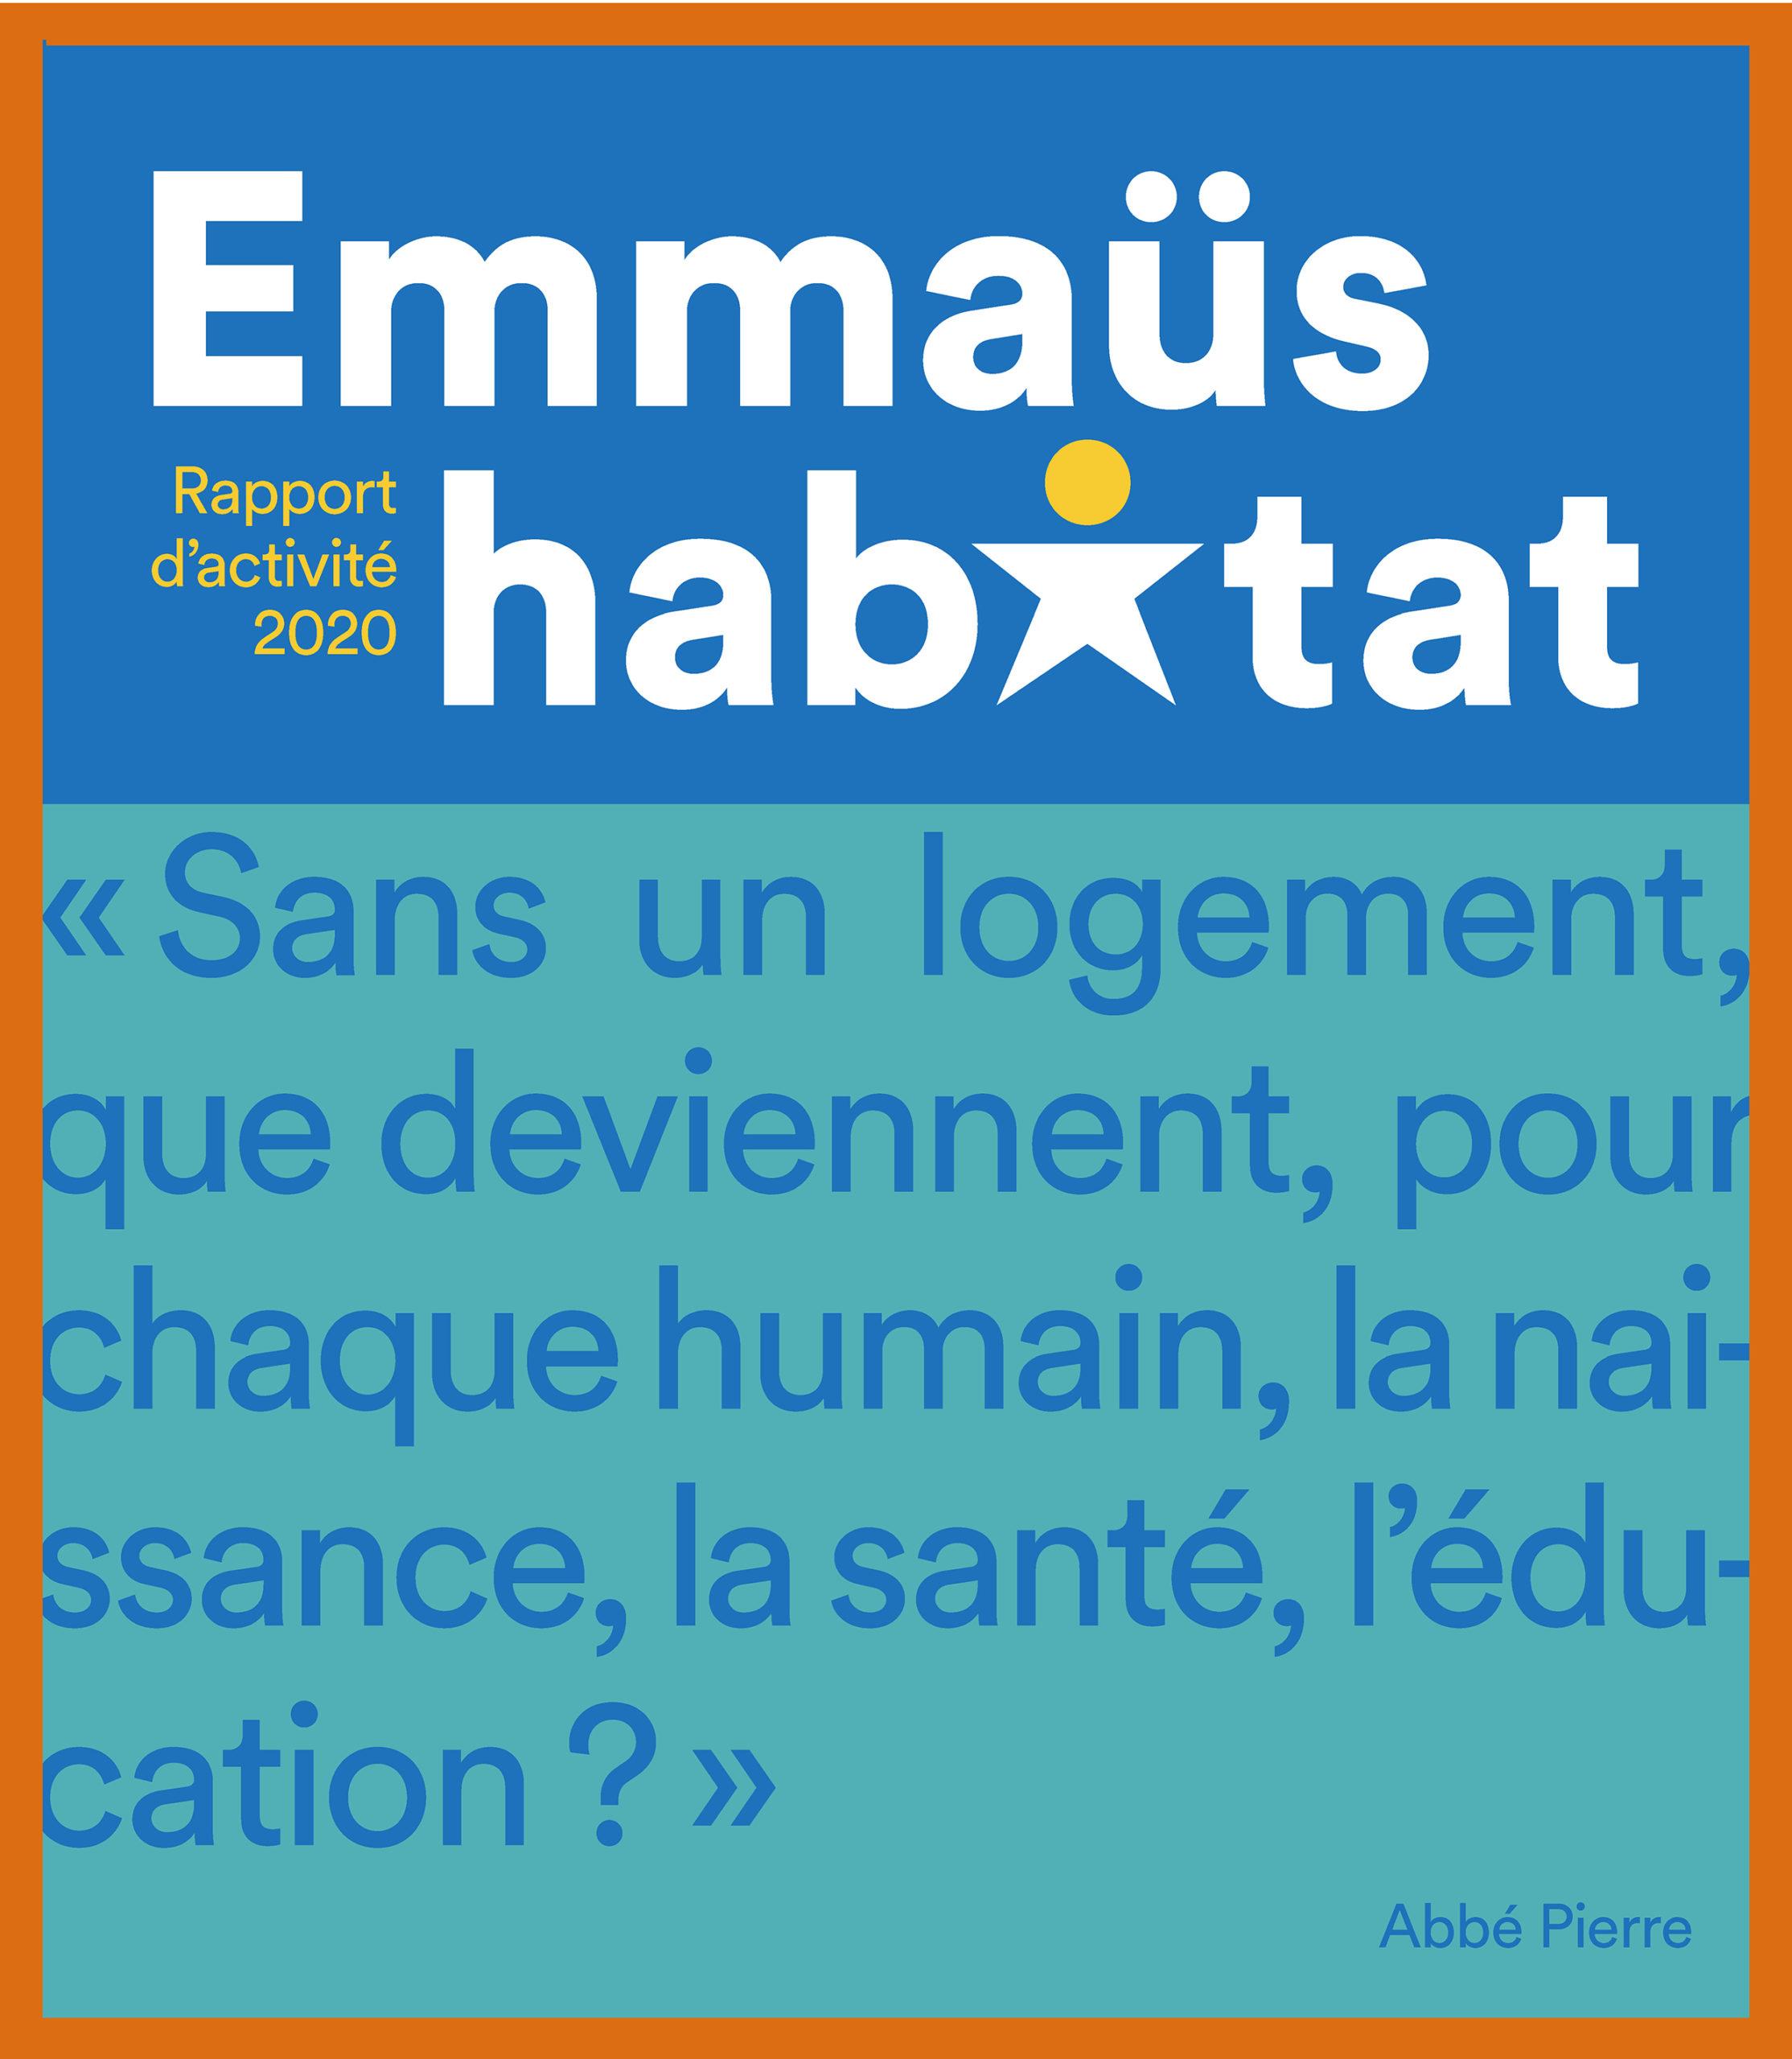 EMMAUS_HABITAT_2020_rapport d'activite-couv